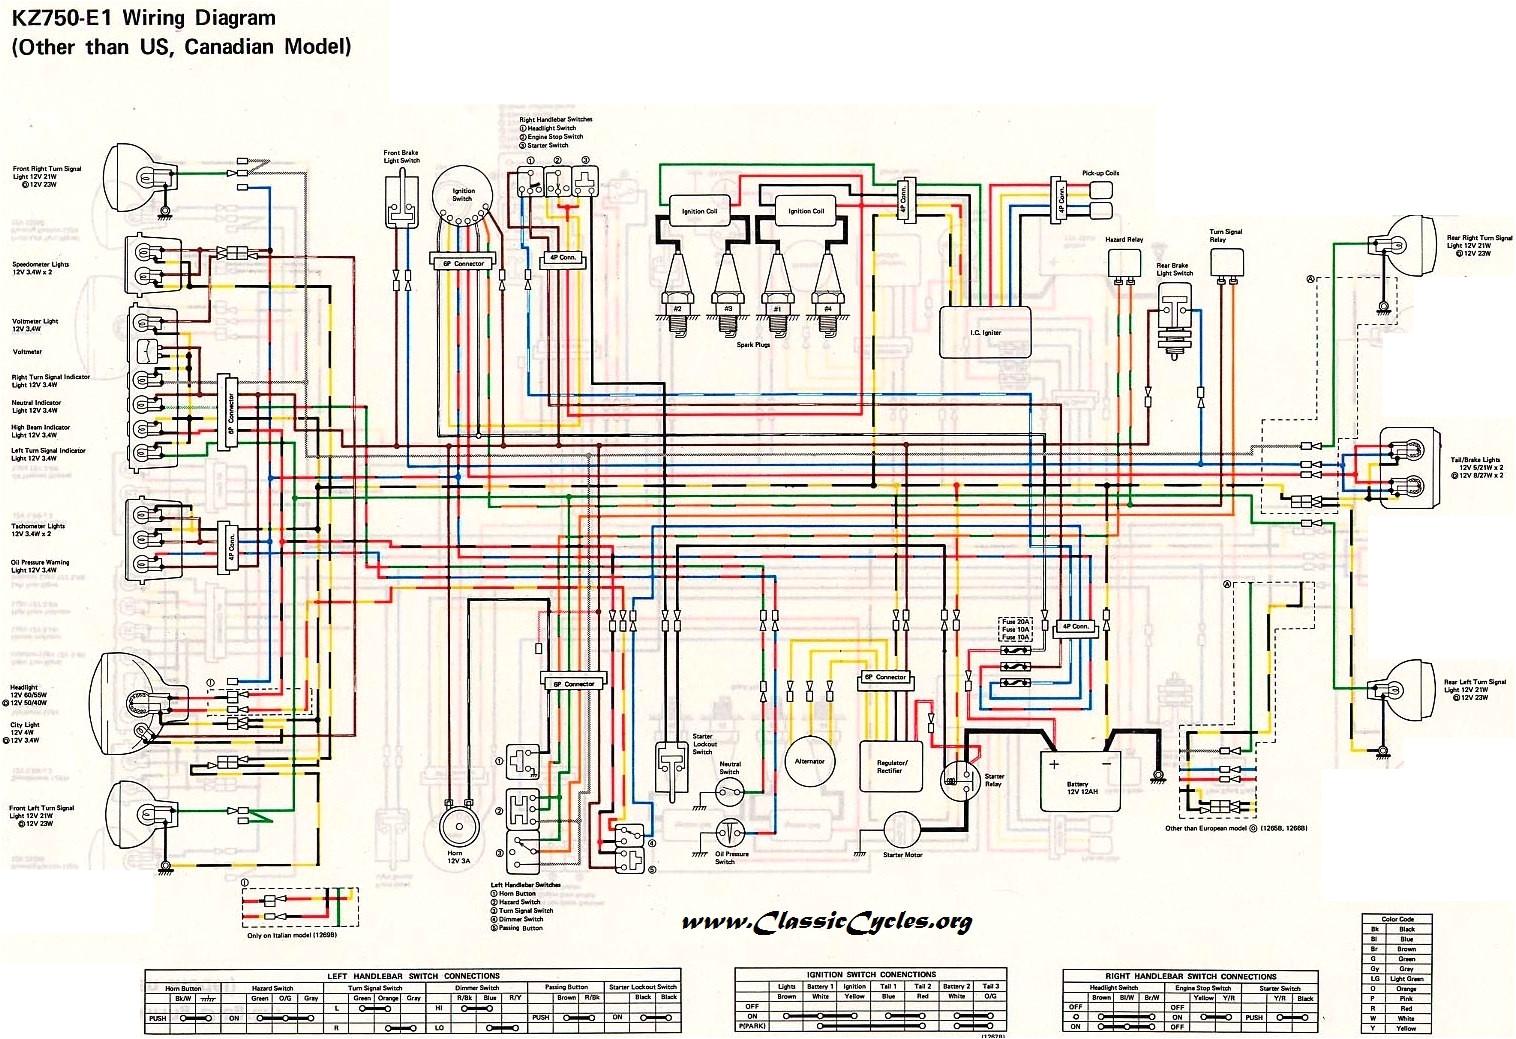 zx7r wiring diagram blog wiring diagram 93 zx7 wiring diagram